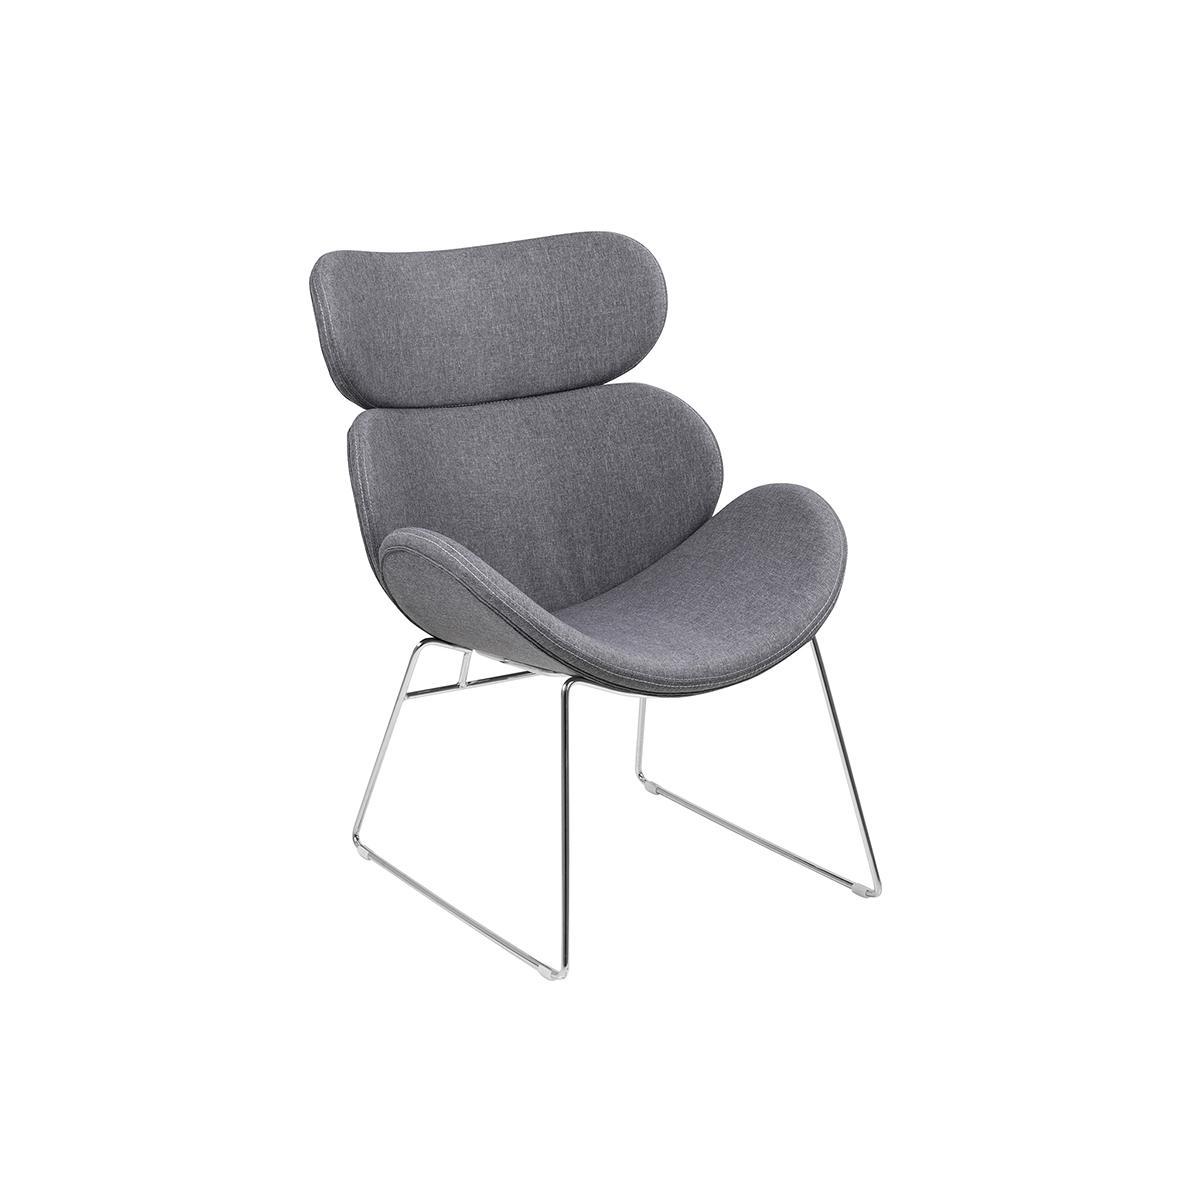 Poltrona design contemporaneo grigio chiaro GABRIEL